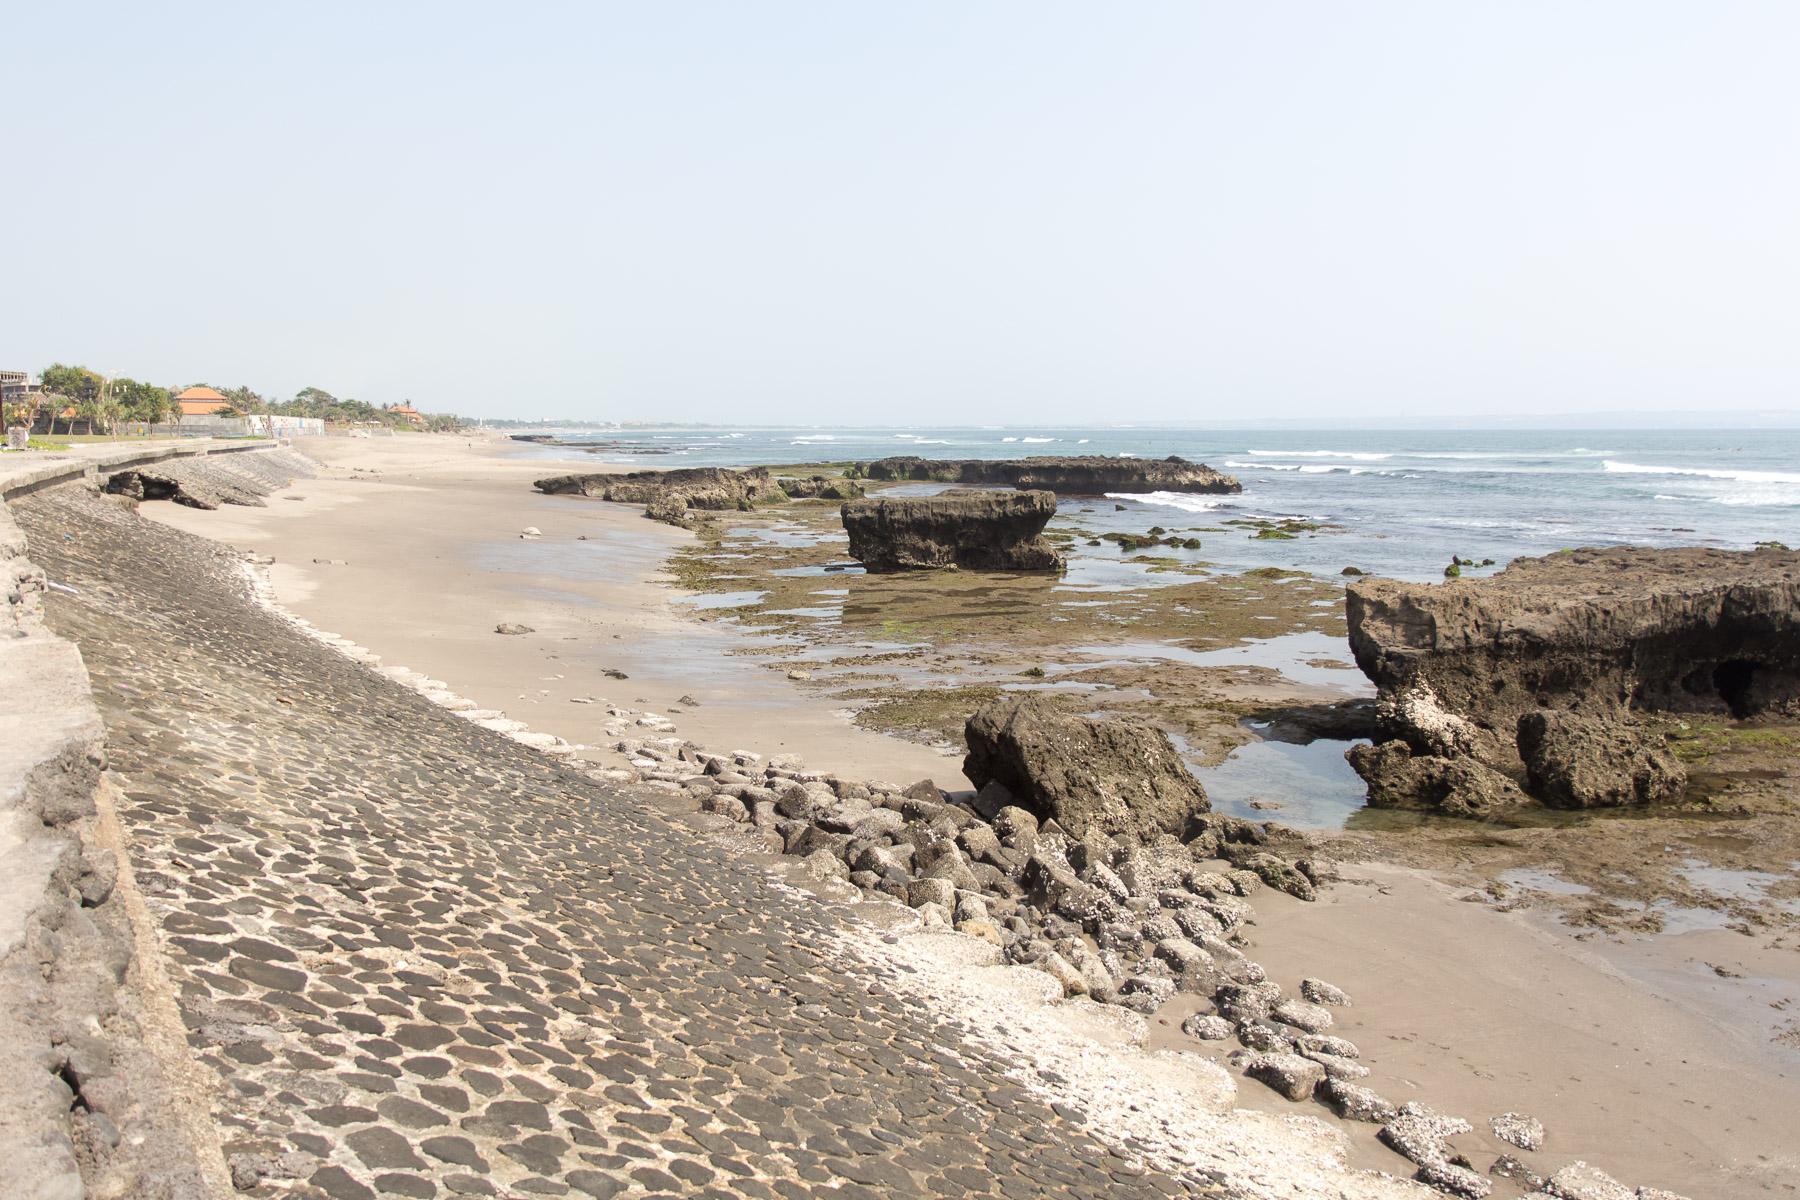 Bali2015-19-009